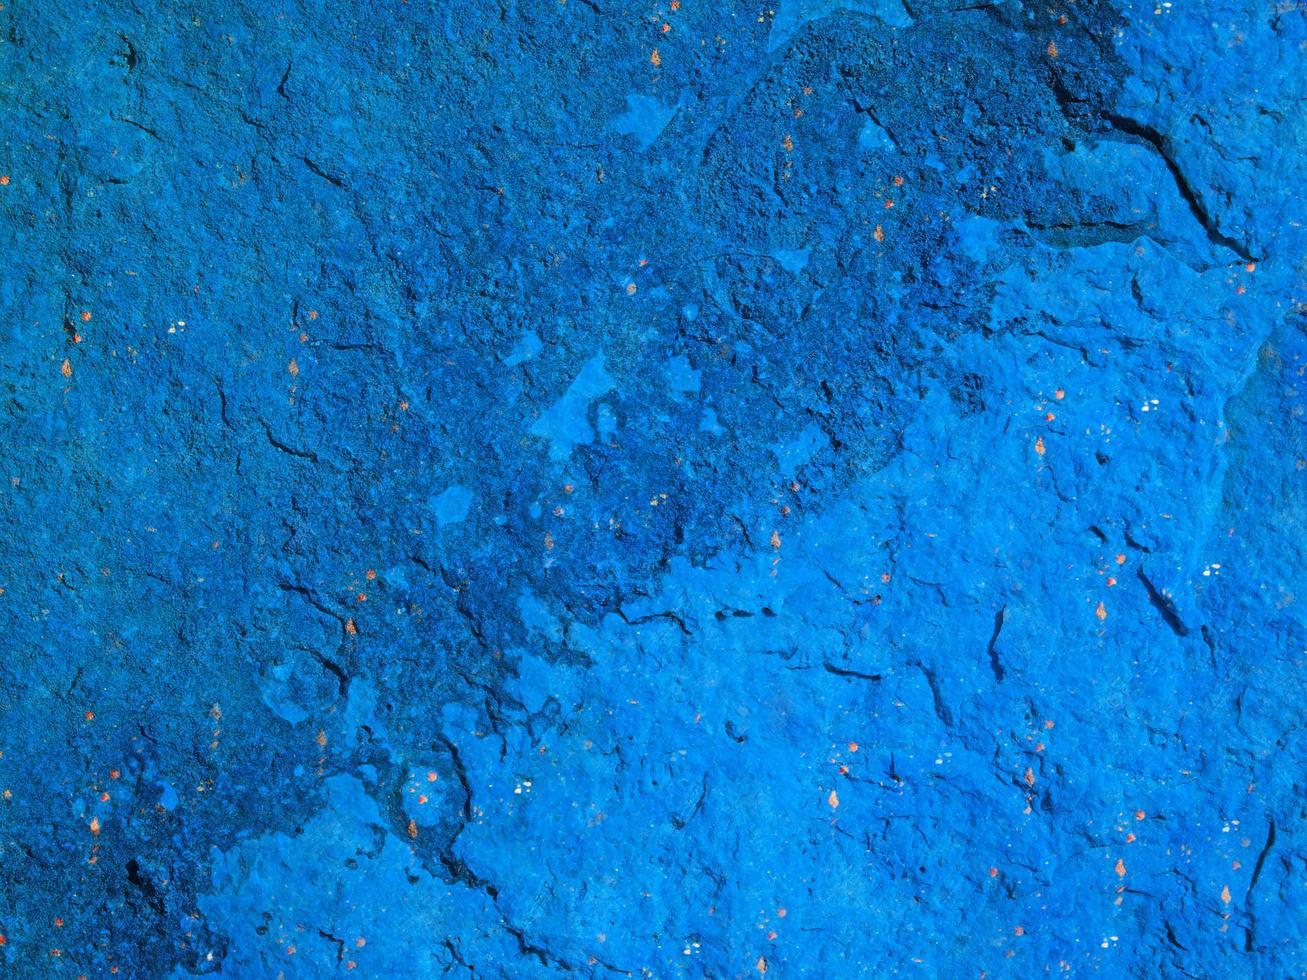 paneel van blauw marmer voor achtergrond of textuur foto